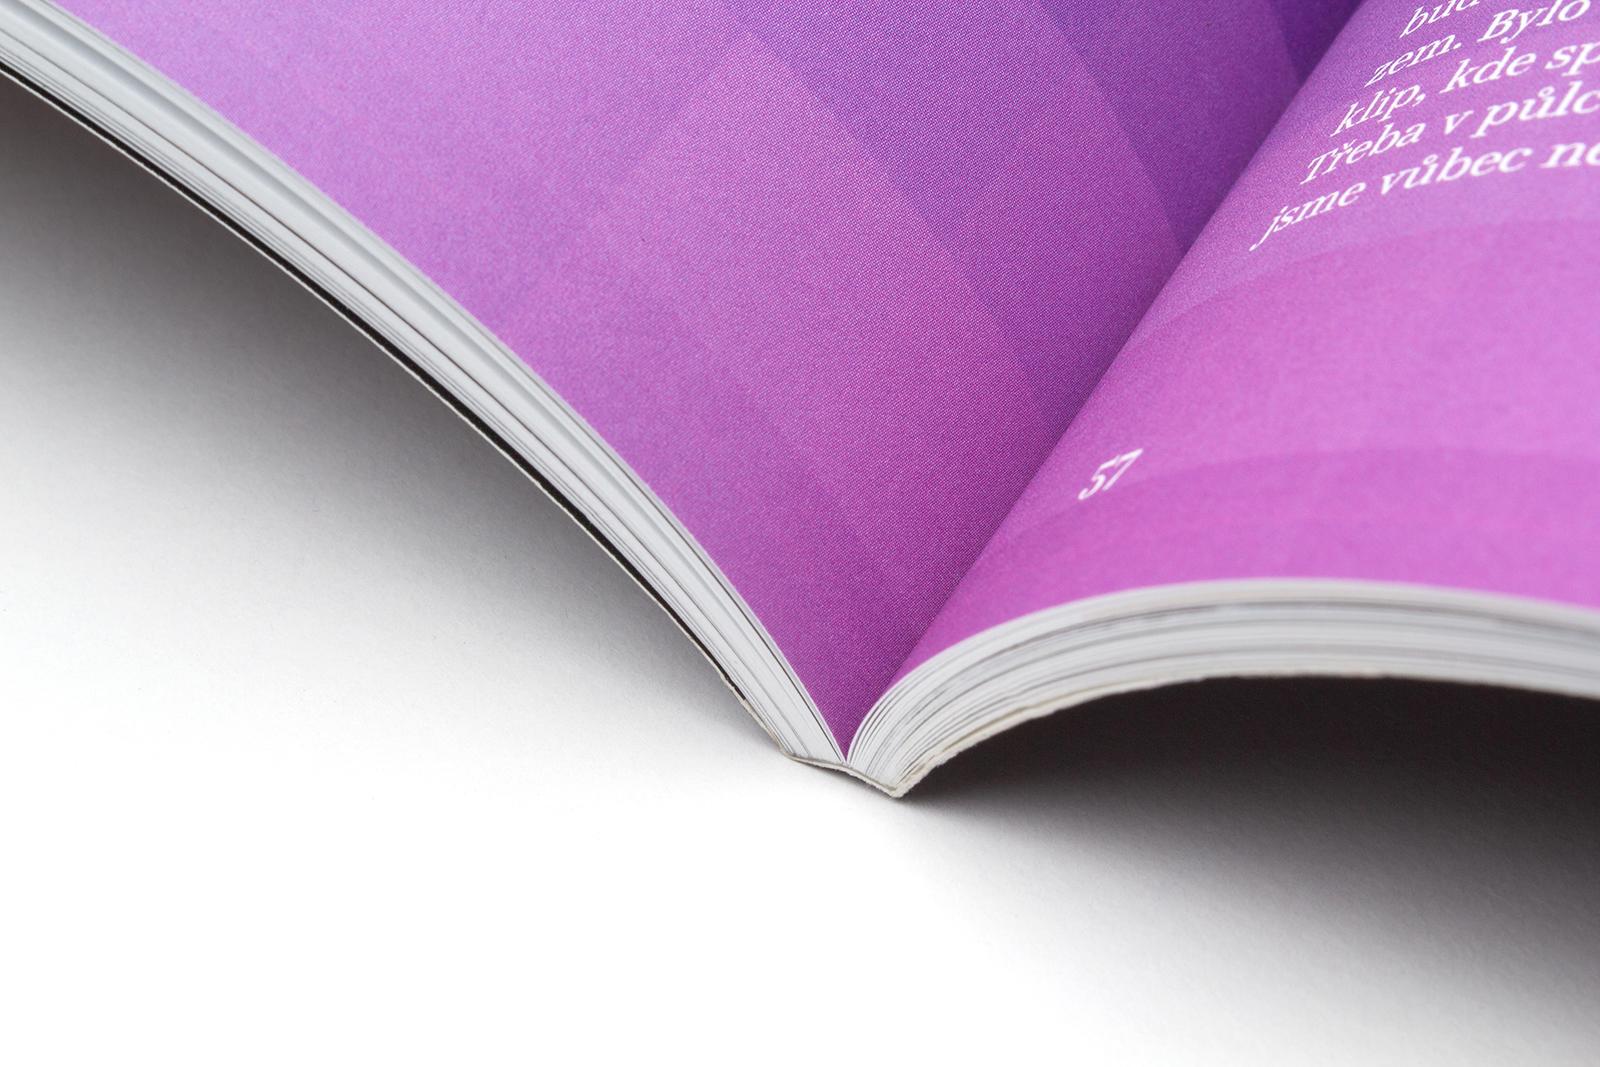 Lepená vazba brožury V2 -